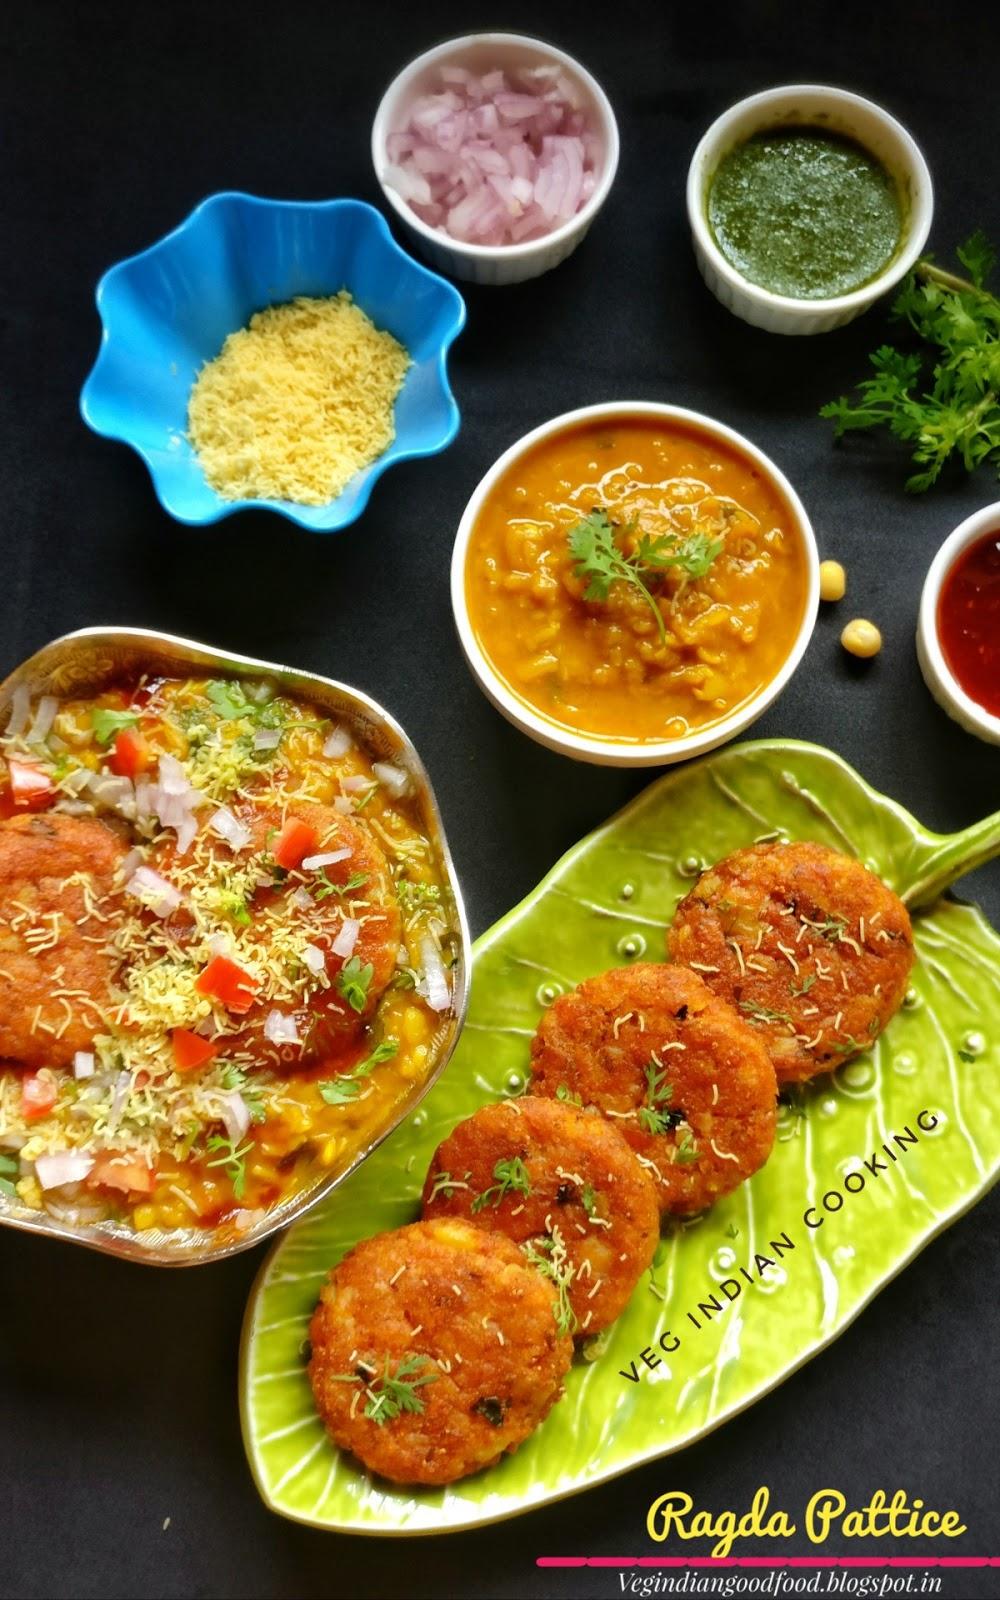 Veg Indian Cooking: Ragda Pattice